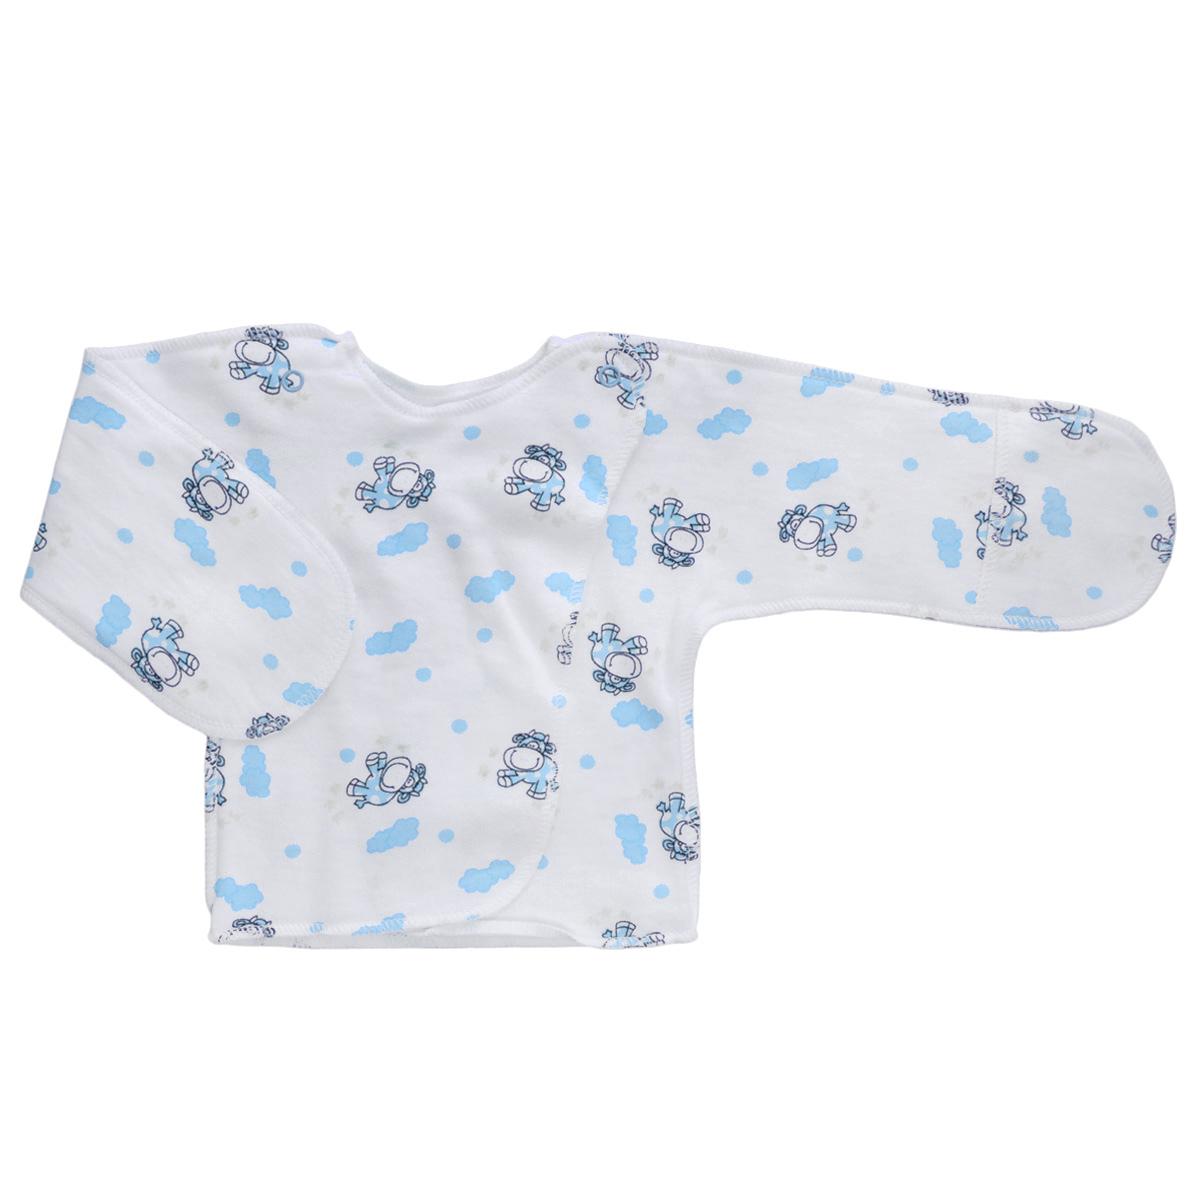 Распашонка5023Распашонка с закрытыми ручками Трон-плюс послужит идеальным дополнением к гардеробу младенца. Распашонка, выполненная швами наружу, изготовлена из футера - натурального хлопка, благодаря чему она необычайно мягкая, легкая и теплая, не раздражает нежную кожу ребенка и хорошо вентилируется, а эластичные швы приятны телу младенца и не препятствуют его движениям. Распашонка с запахом, застегивается при помощи двух кнопок на плечах, которые позволяют без труда переодеть ребенка. Благодаря рукавичкам ребенок не поцарапает себя.